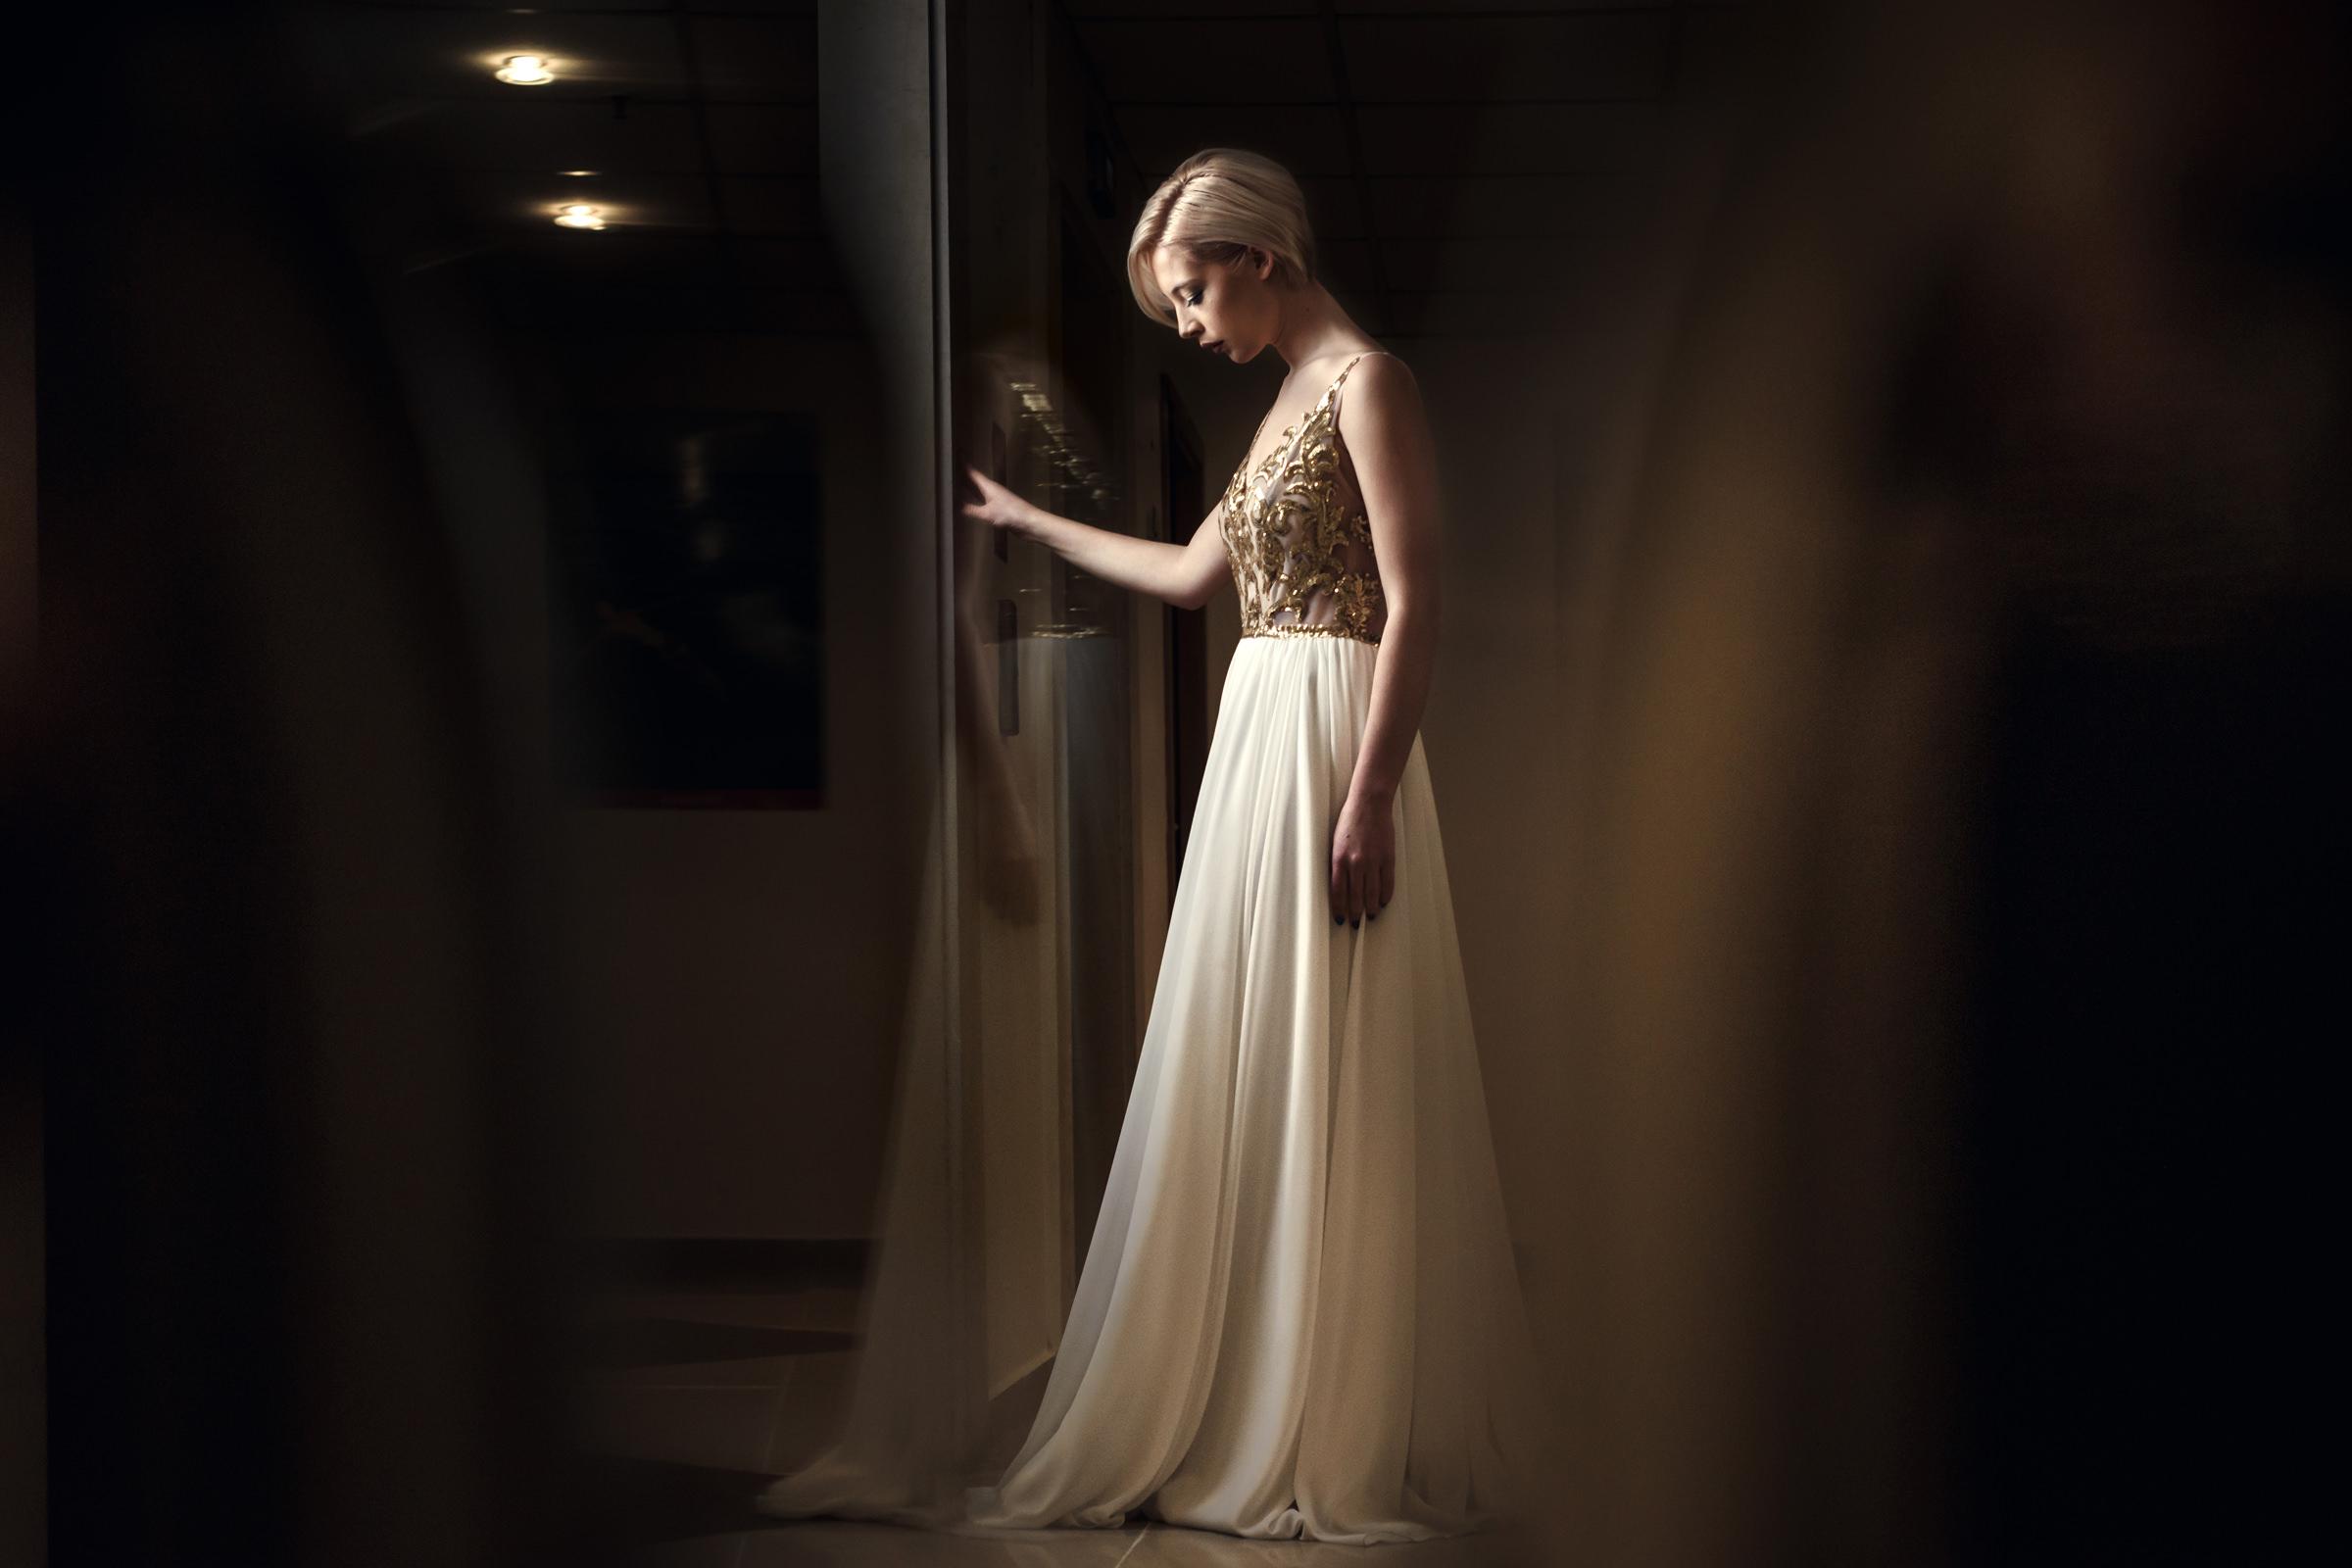 Contemplative bride in chiffon dress - photo by El Marco Rojo